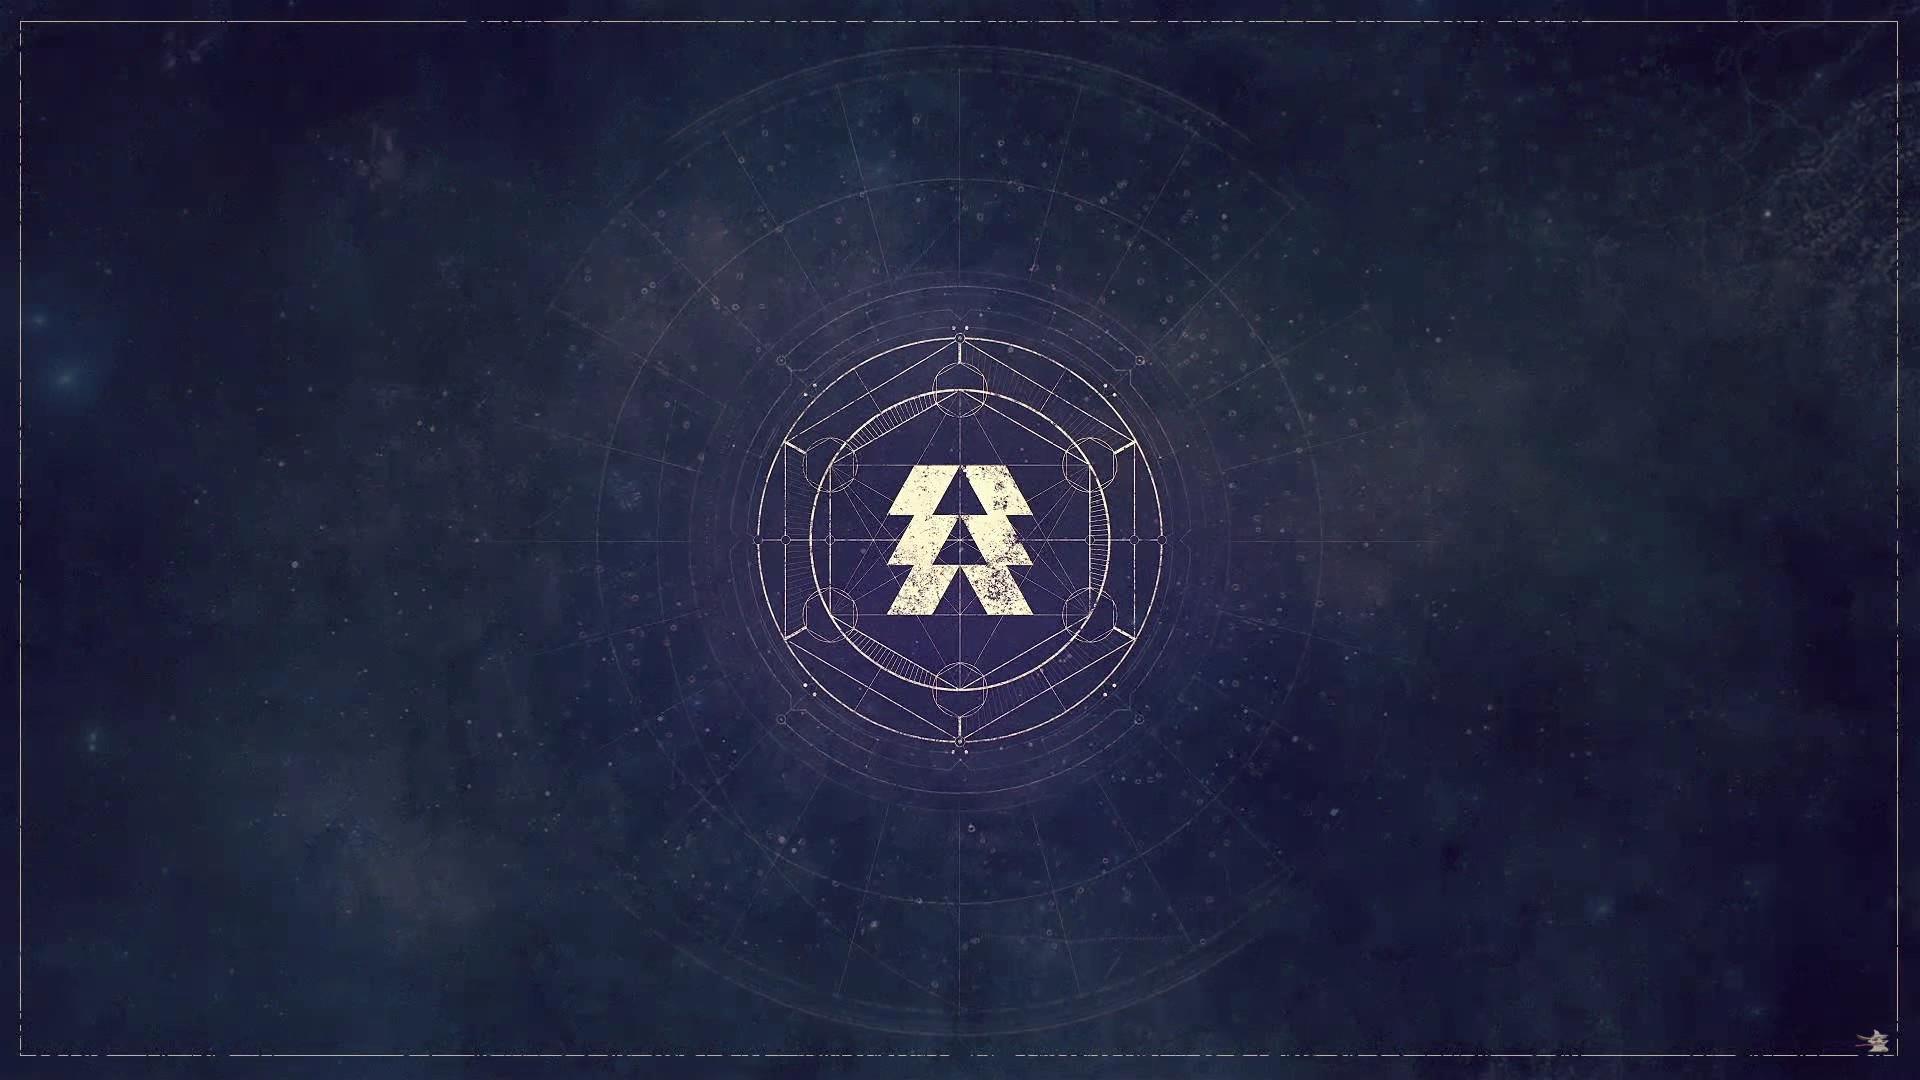 Destiny: The Taken King – Nightstalker Cutscene Artwork